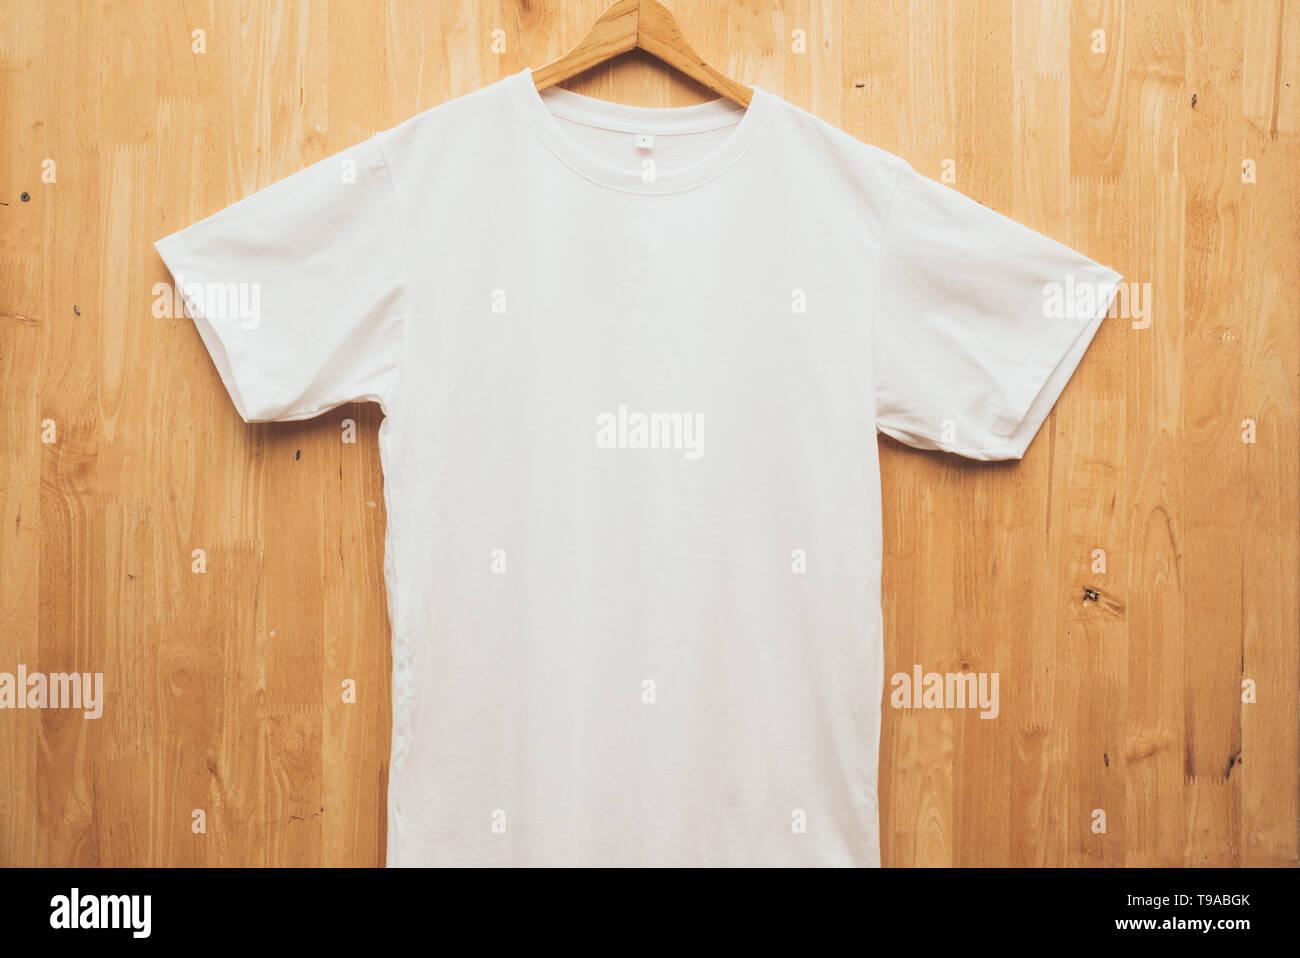 Blanco camiseta de manga corta con cuello redondo liso maqueta concepto back ground de madera vista frontal Imagen De Stock